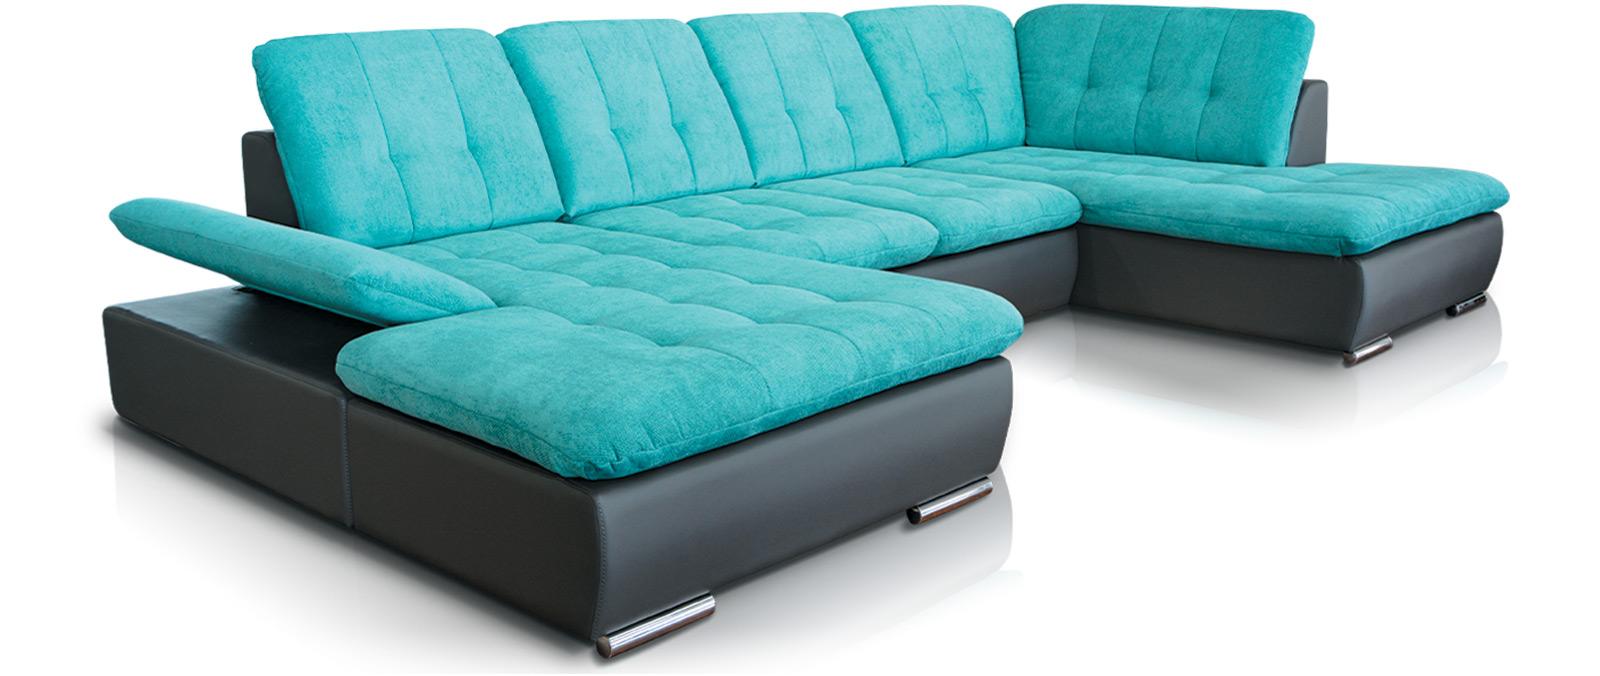 купить модульный диван в Украине